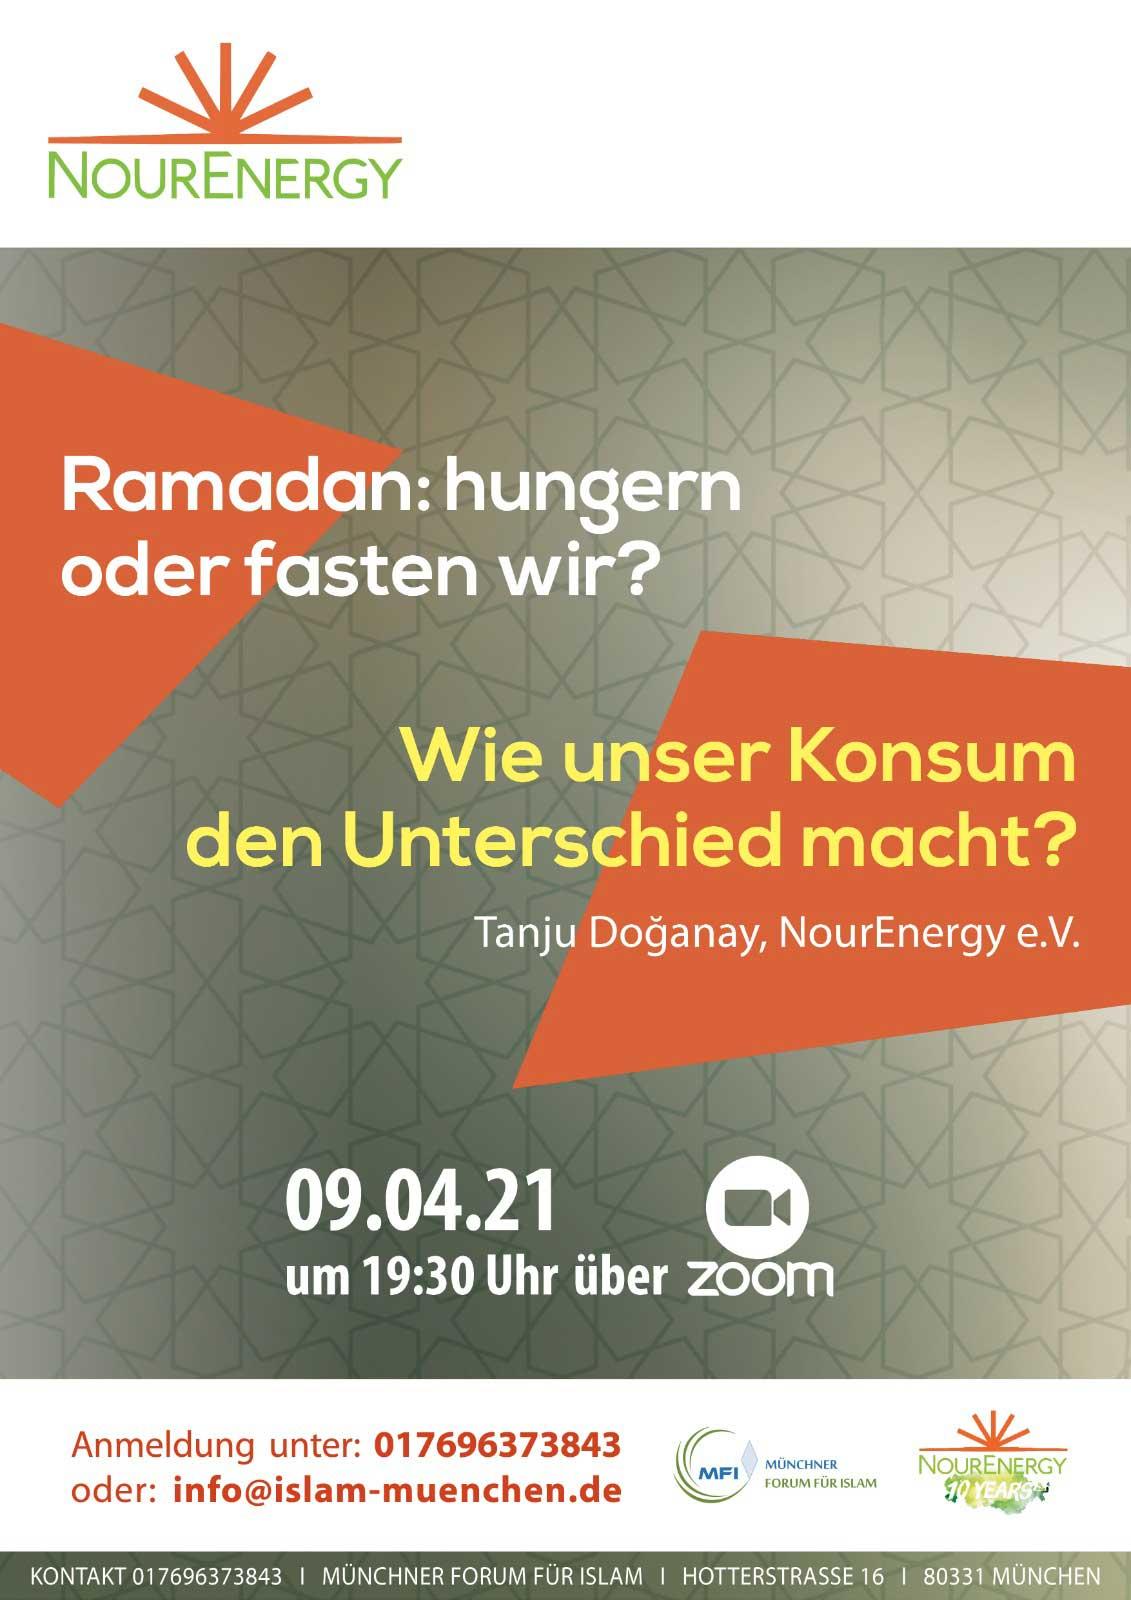 Vortrag von Tanju Doğanay, NourEnergy